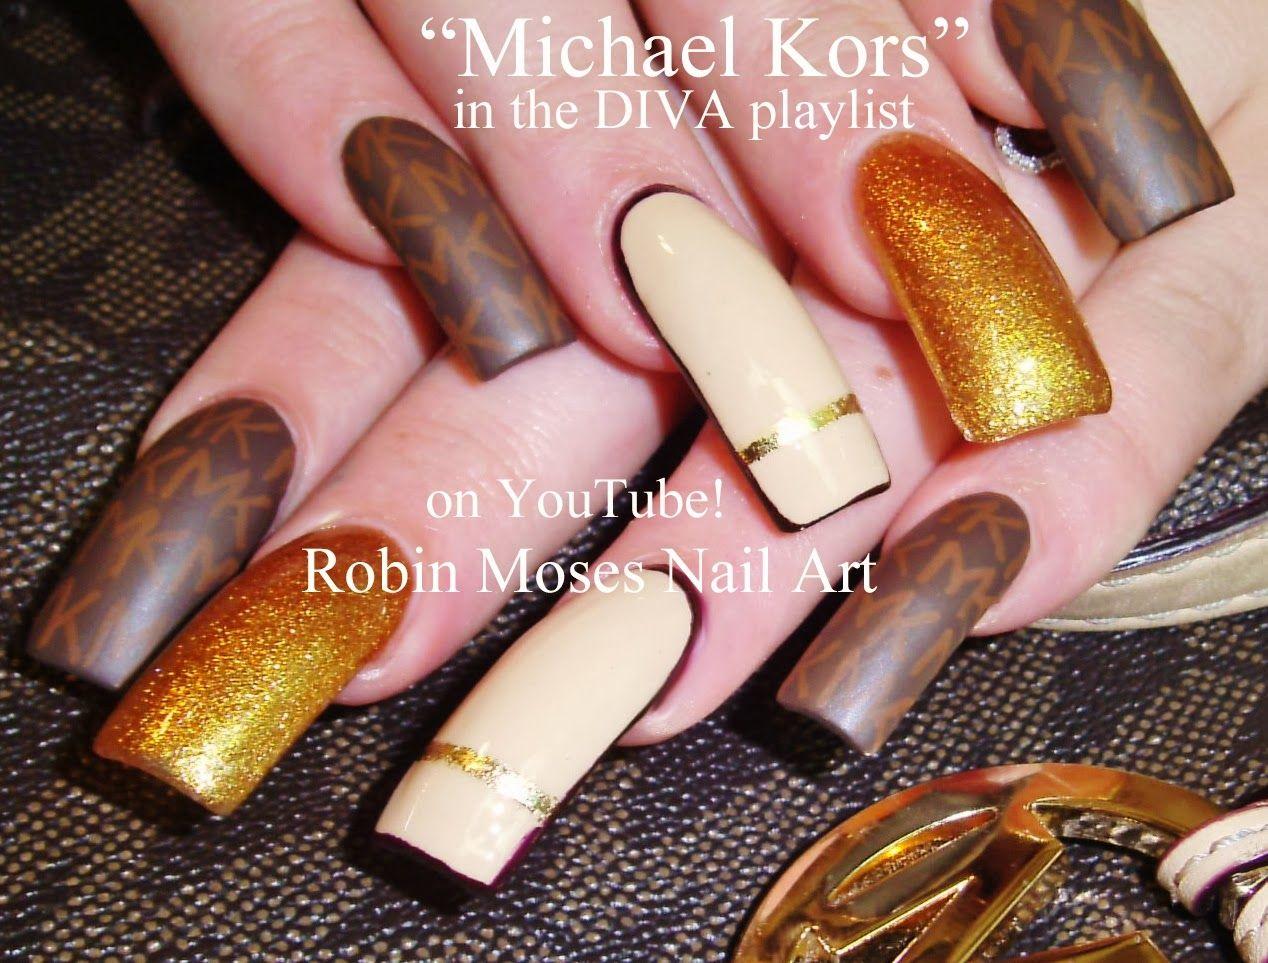 Nail-art by Robin Moses ----Michael Kors | MY NAIL ART OBSESSION ...